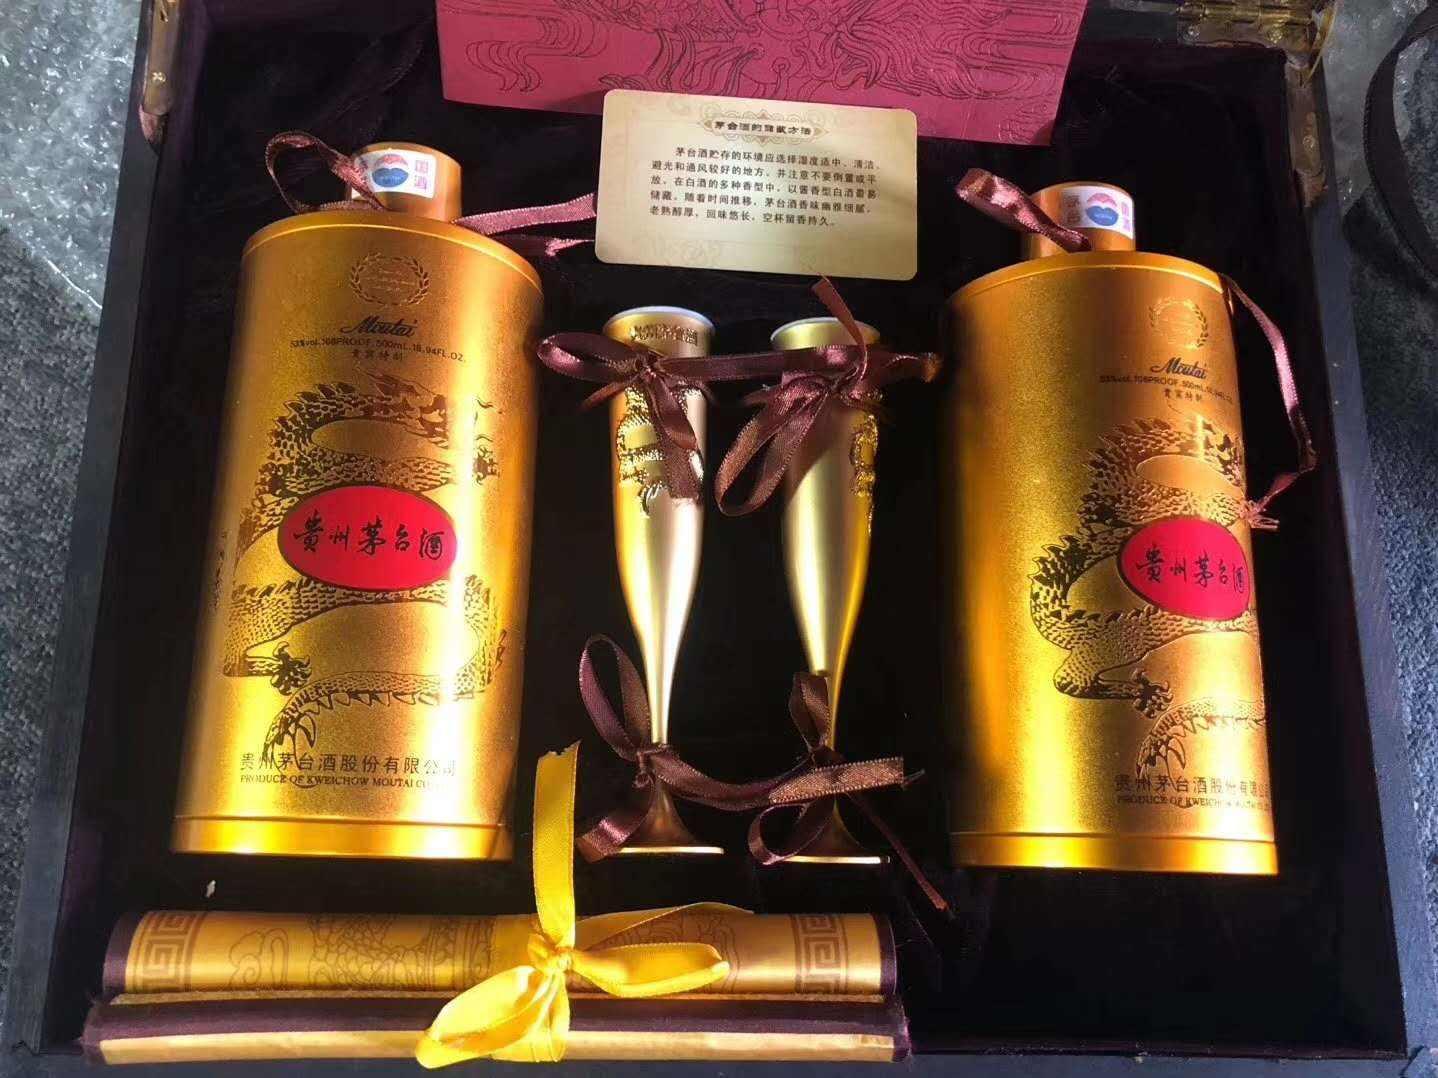 【公告】回收2.5升黑金茅台酒空瓶回收价格一览